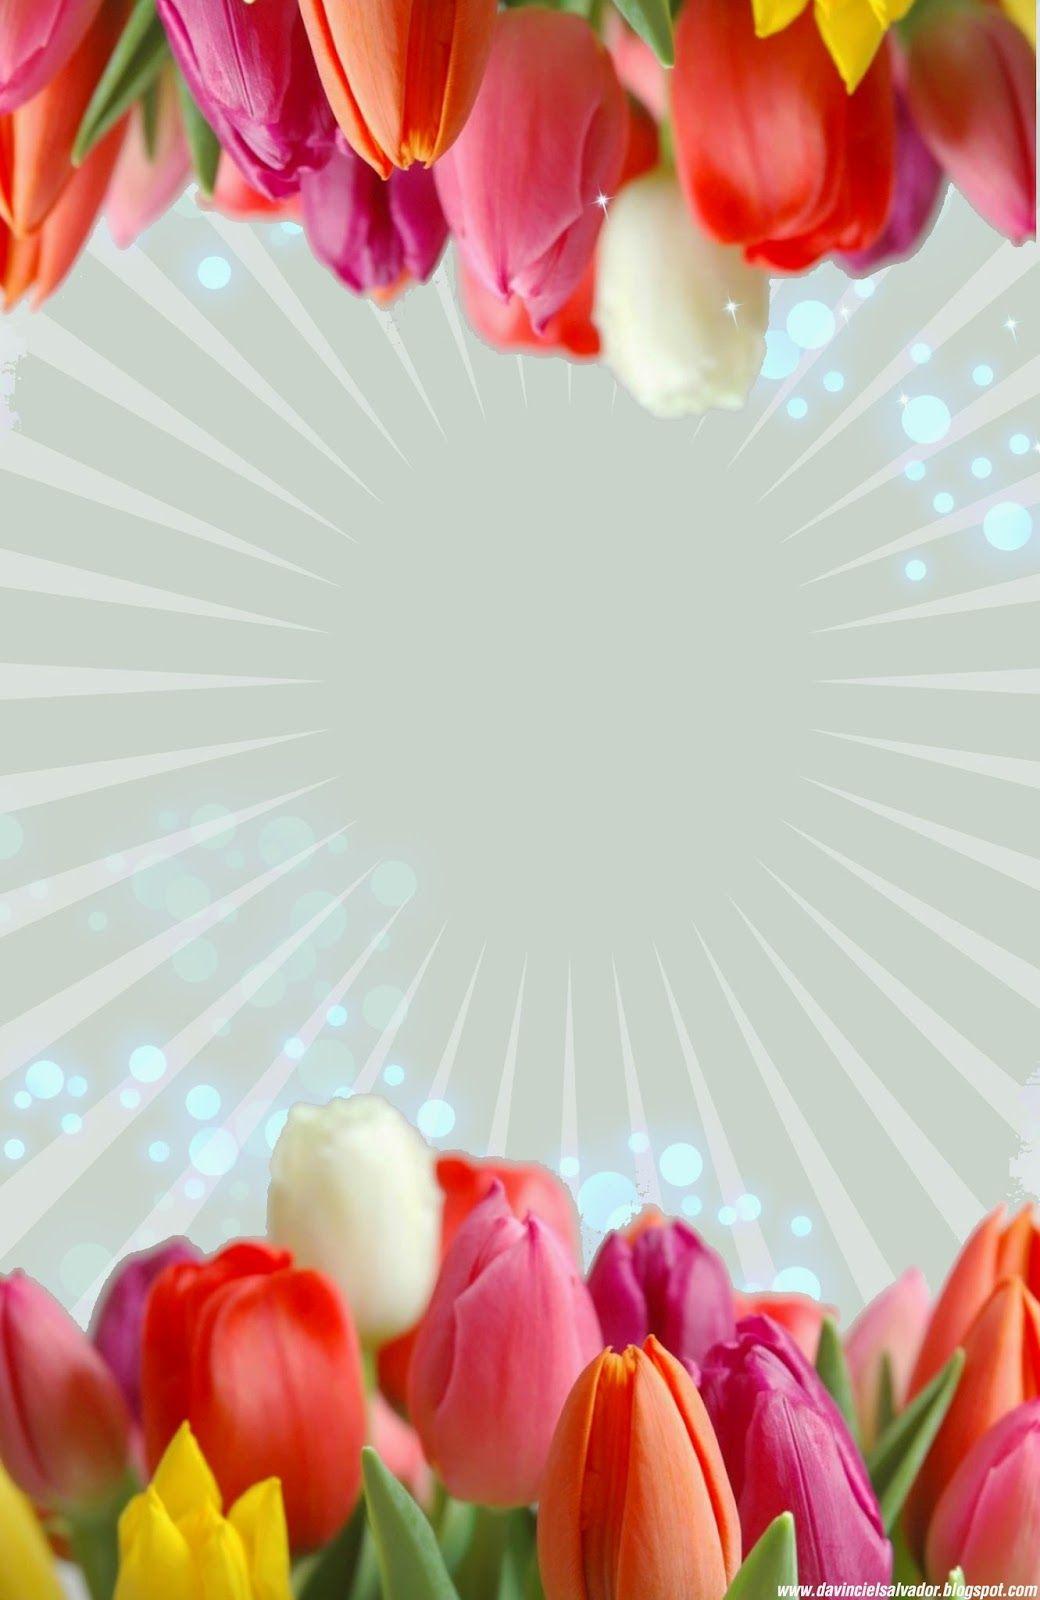 Tulipanes | Plantillas para tus Invitaciones | Pinterest ...